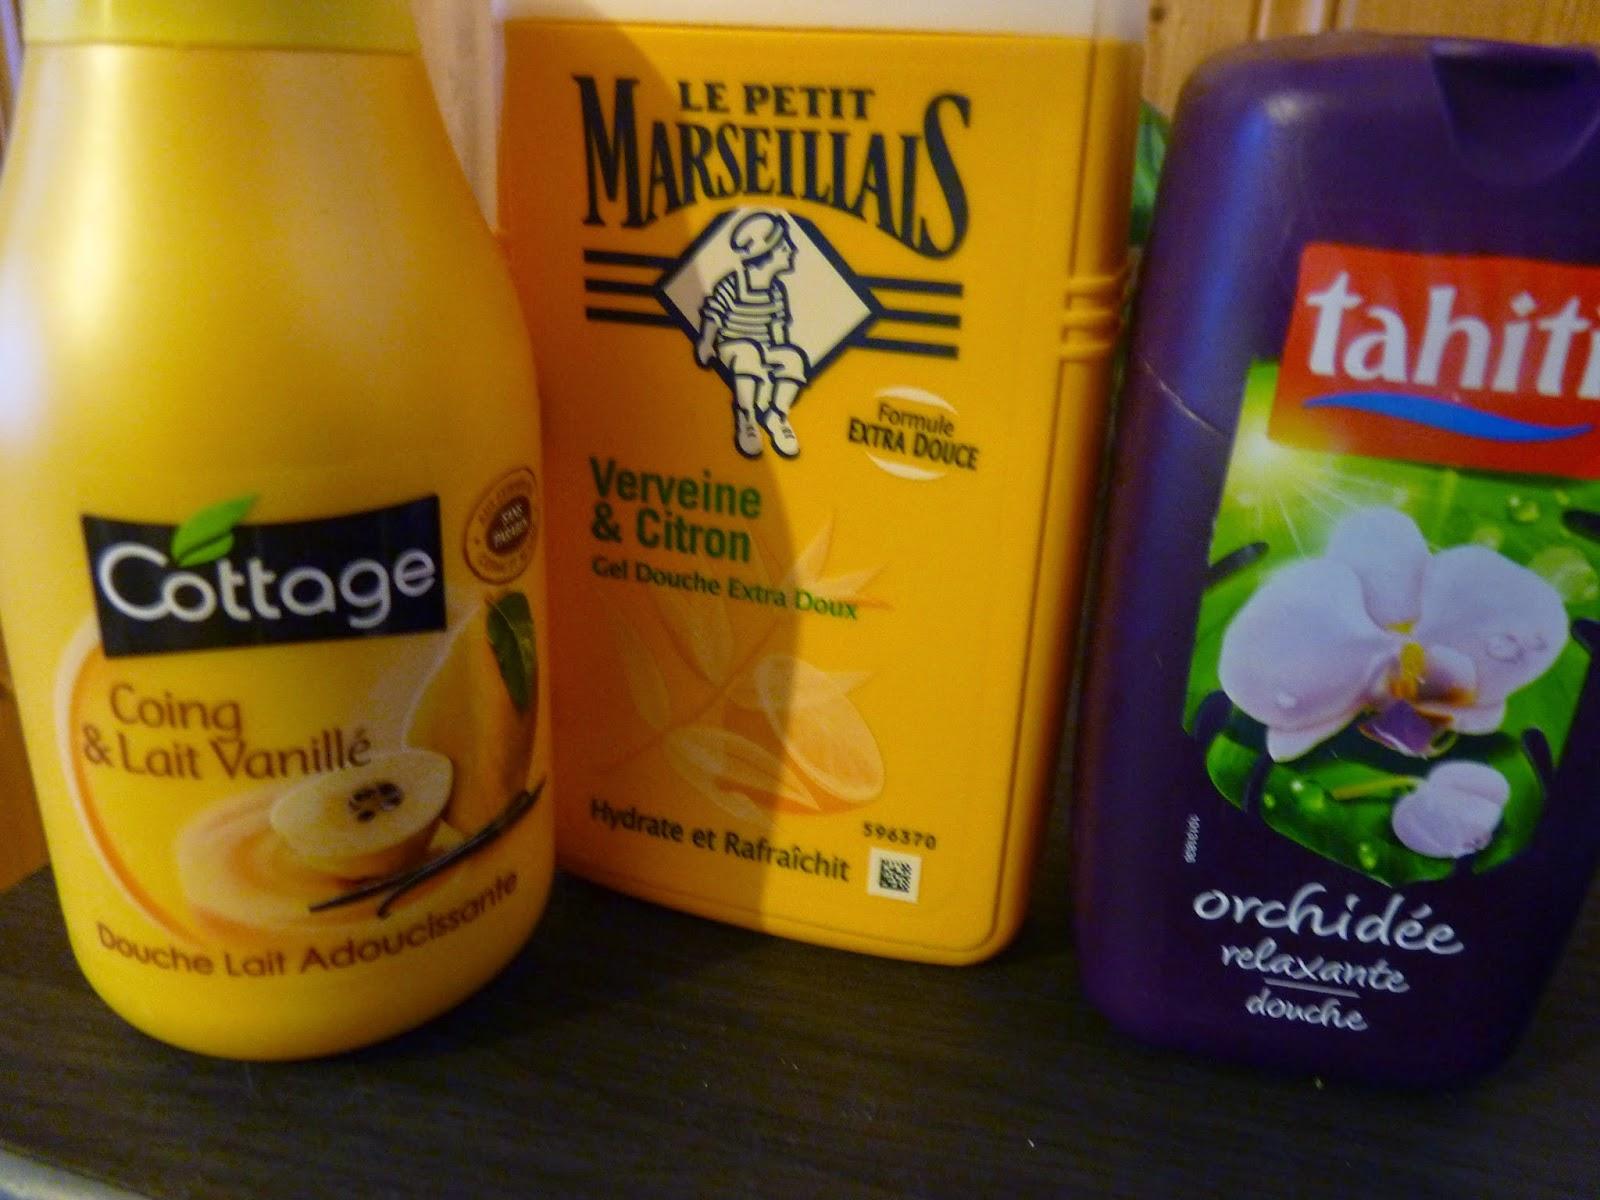 frais, gel souche, doux, douceur, savon, cottage, le petit marseillais, tahiti, fleuri, fruit, coing lait vanillé, orchidée, verveine citron